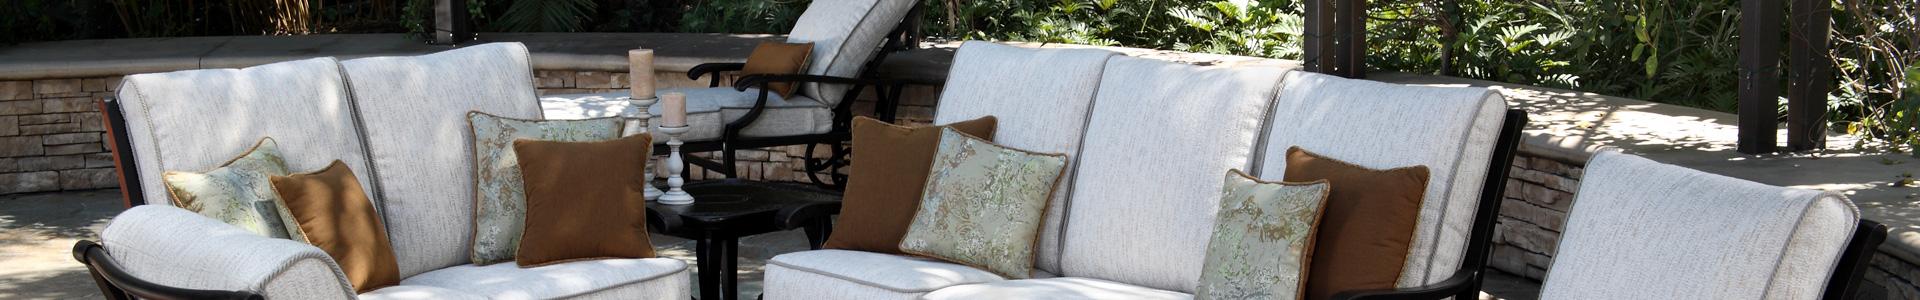 Turin Cushion